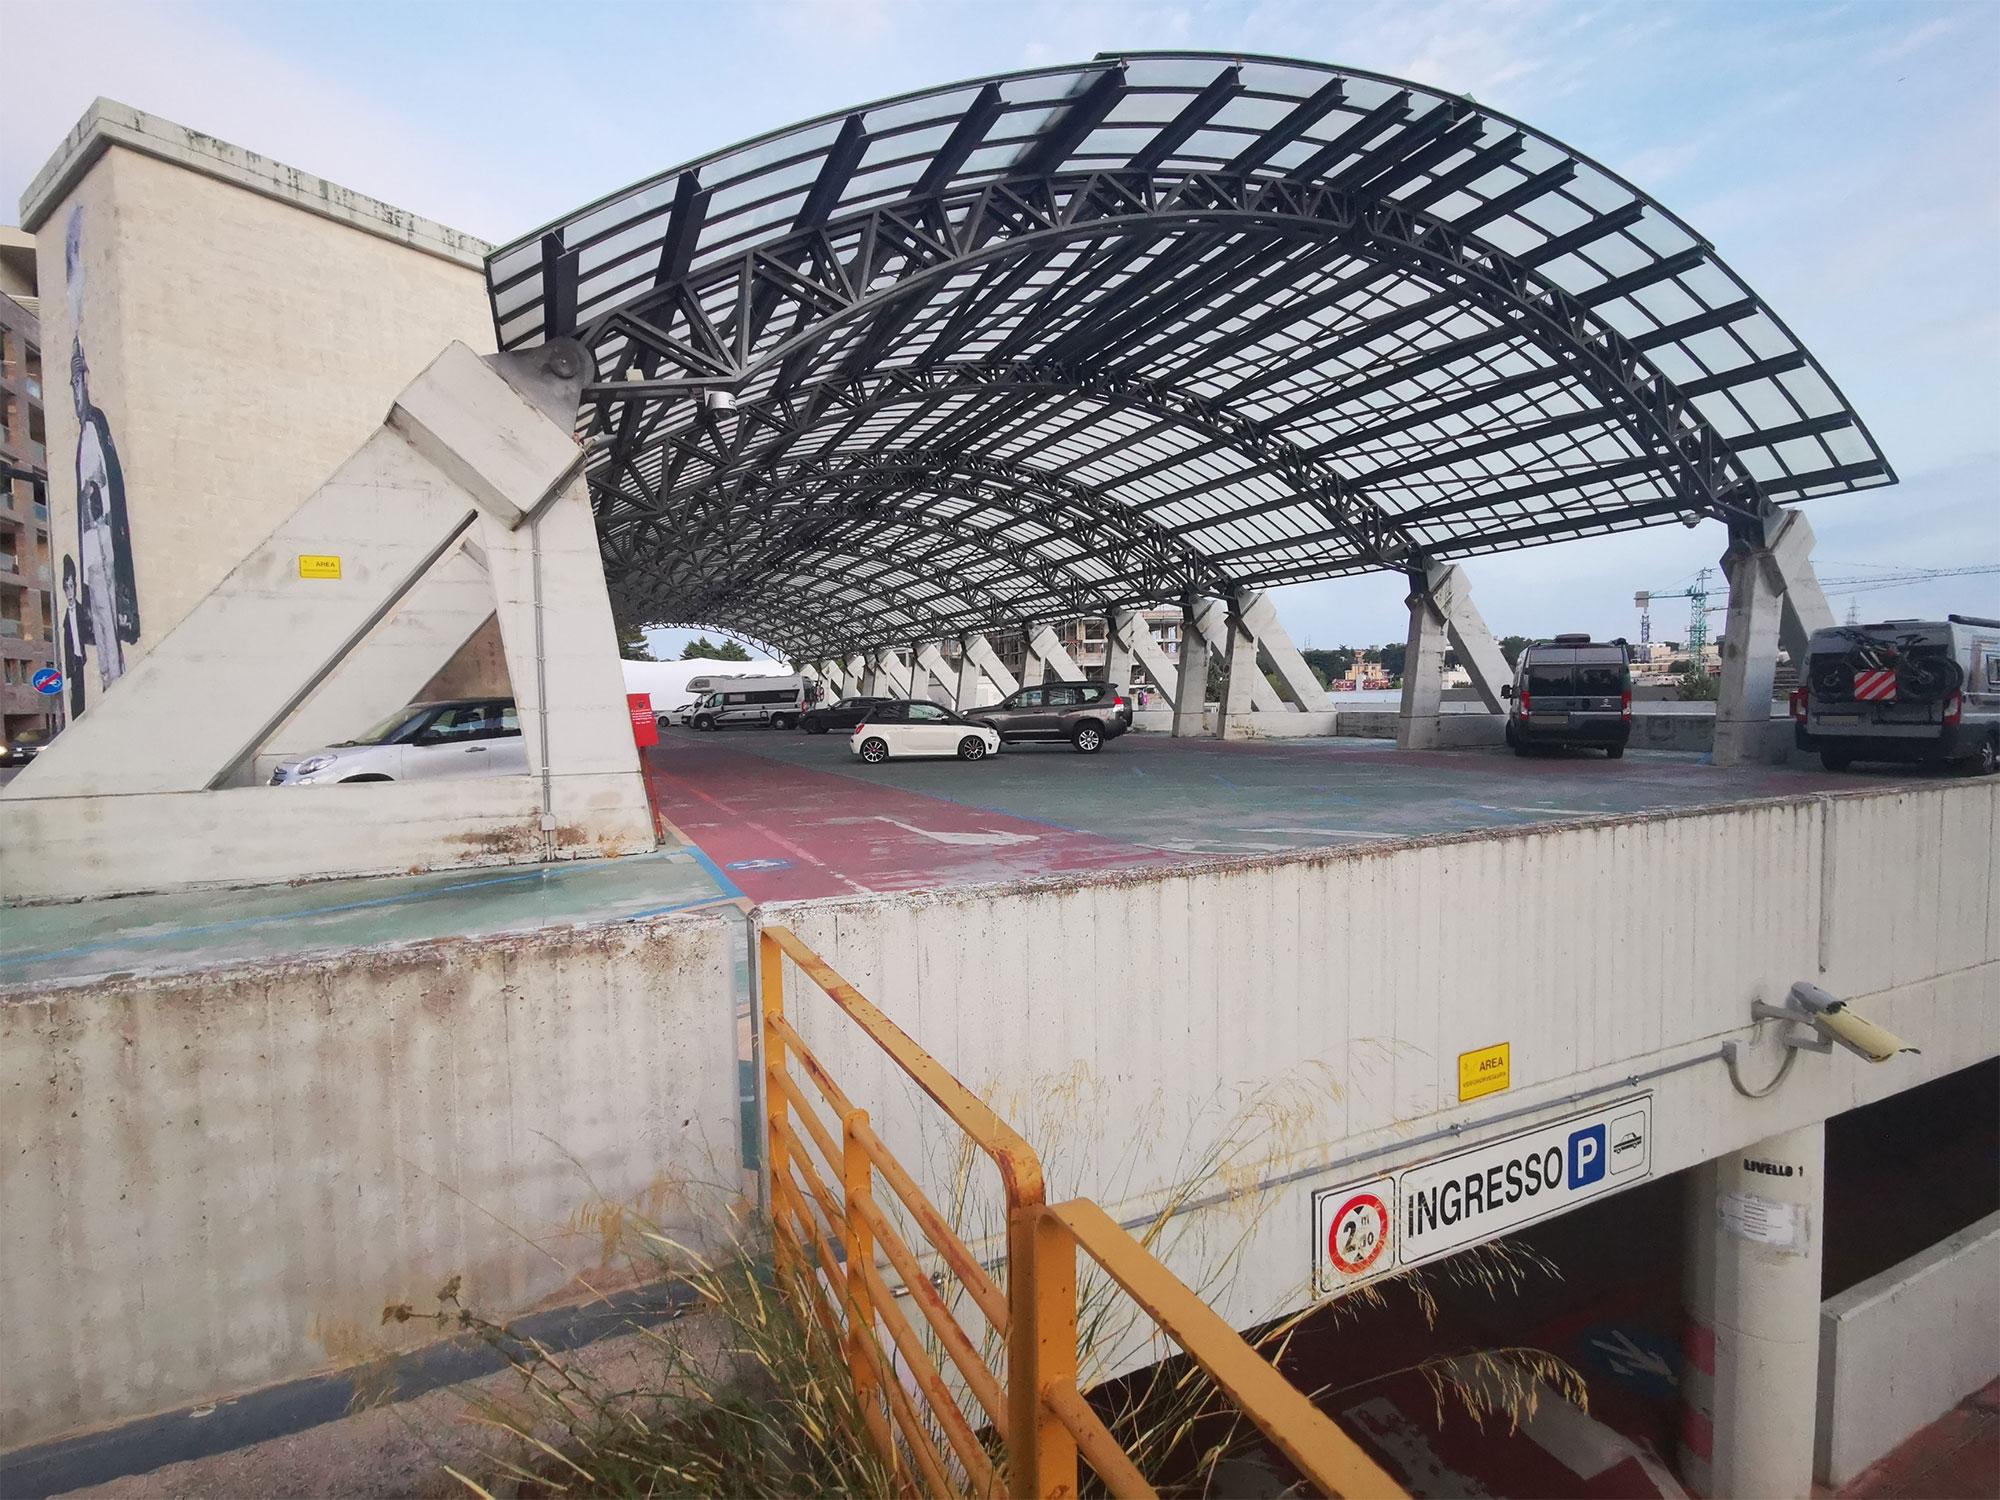 Parcheggio multipiano di Via Saragat a Matera con ingresso al piano inferiore